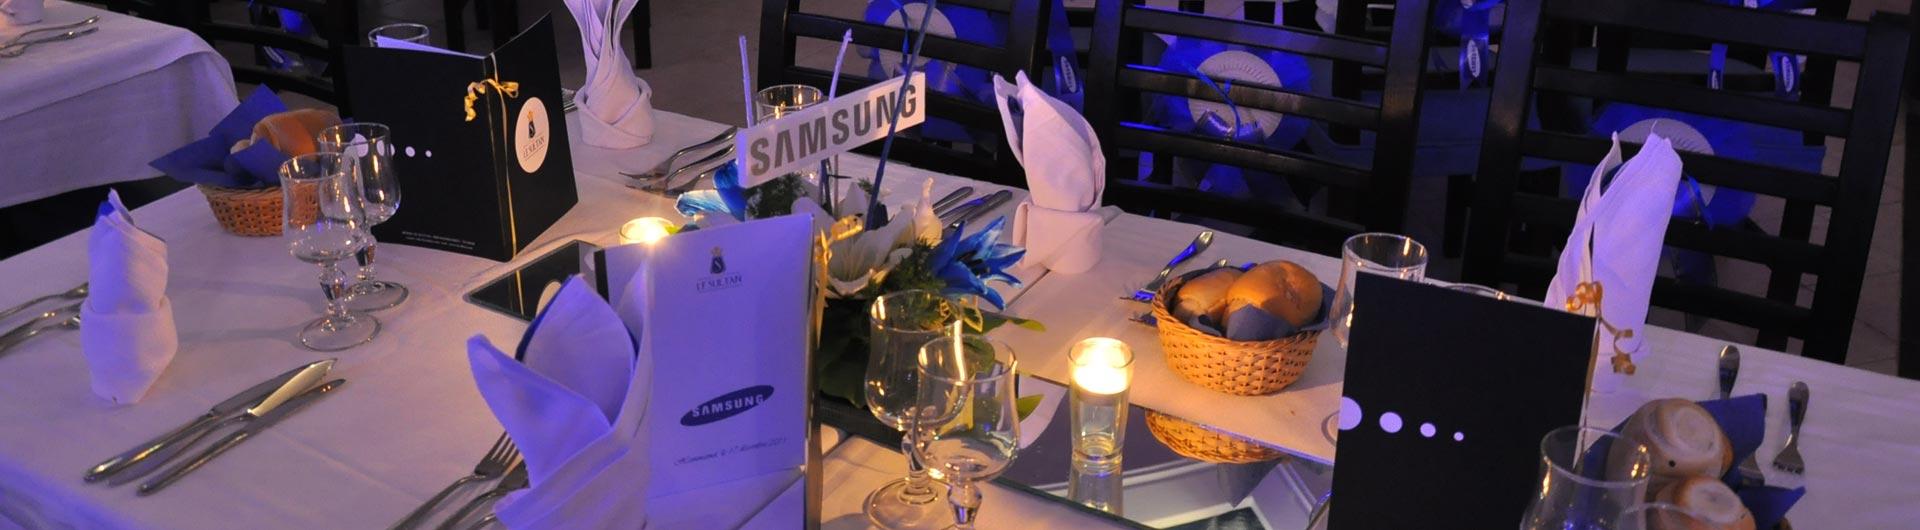 Soirée entreprise Samsung Tunisie par AskEvent